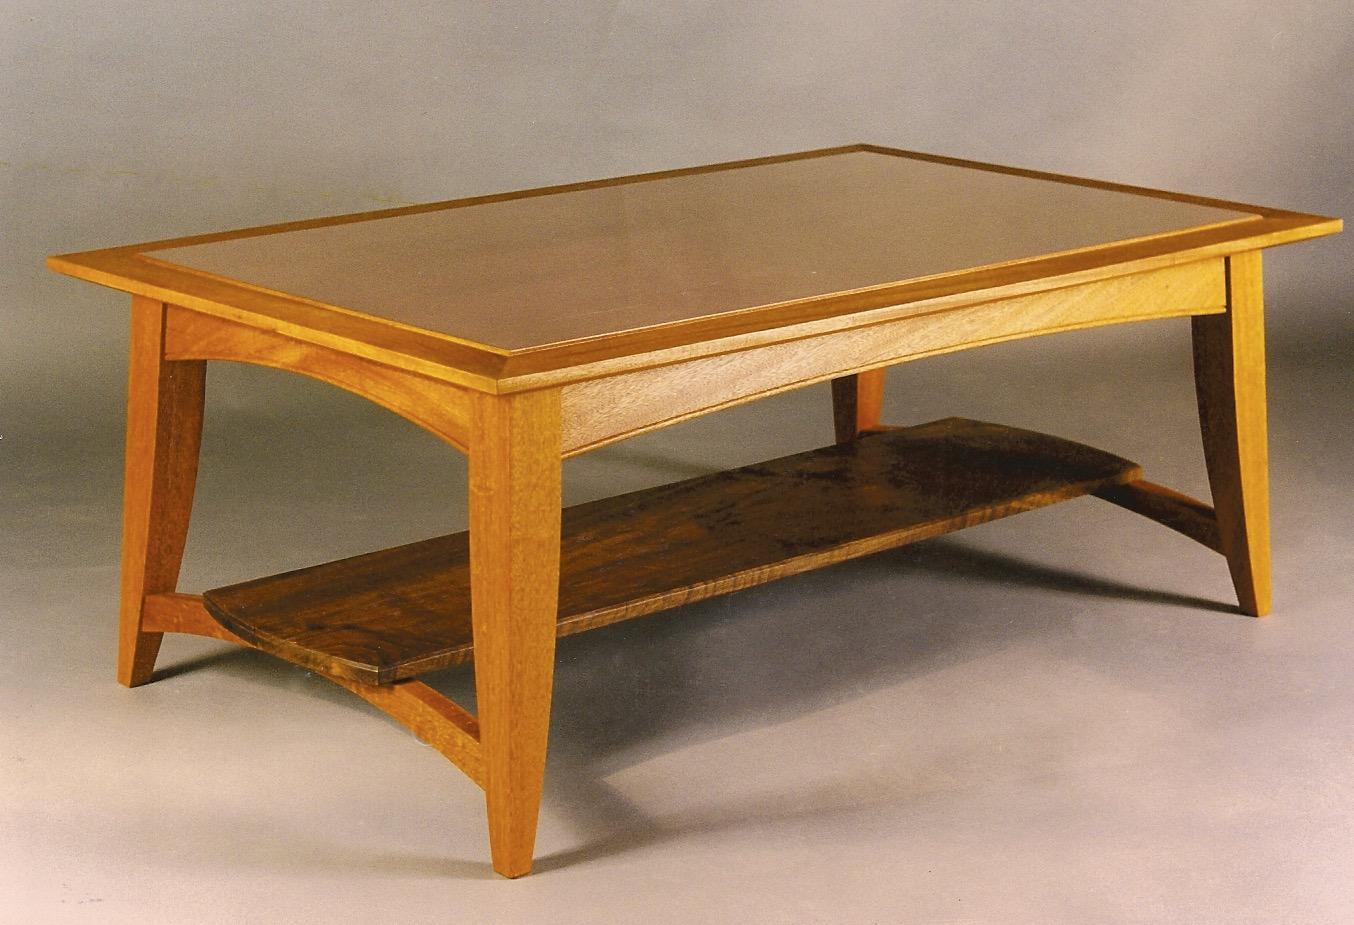 Noonan Low Table 2000.jpg